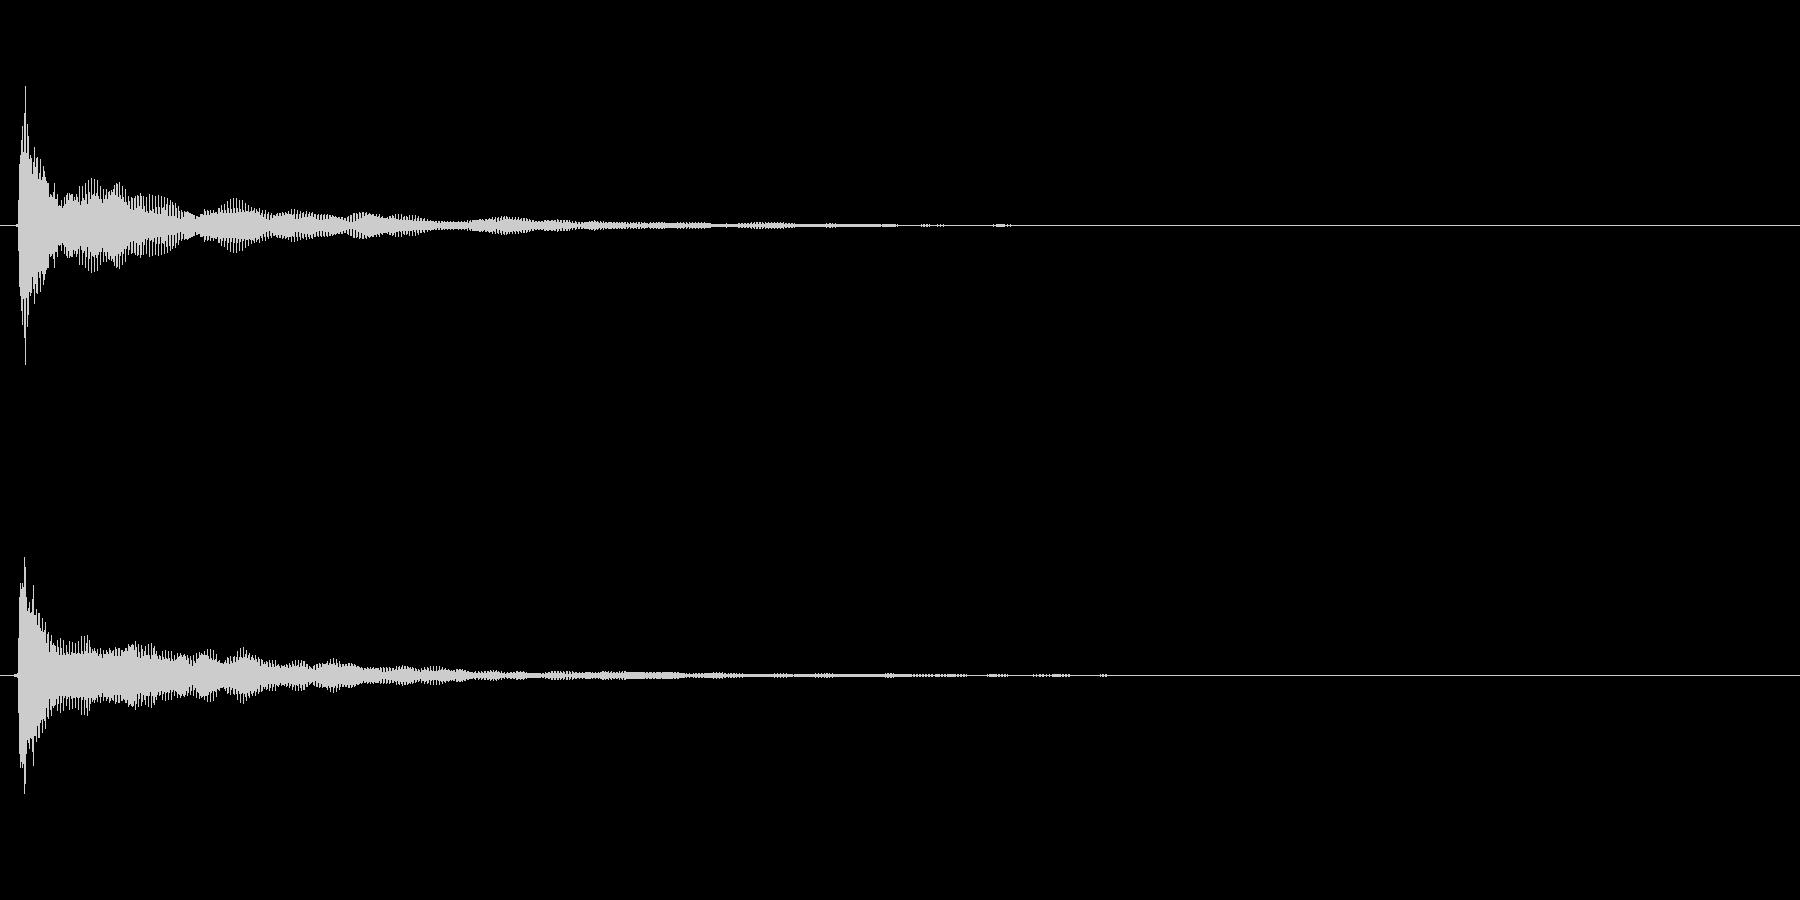 キラキラ系_090の未再生の波形